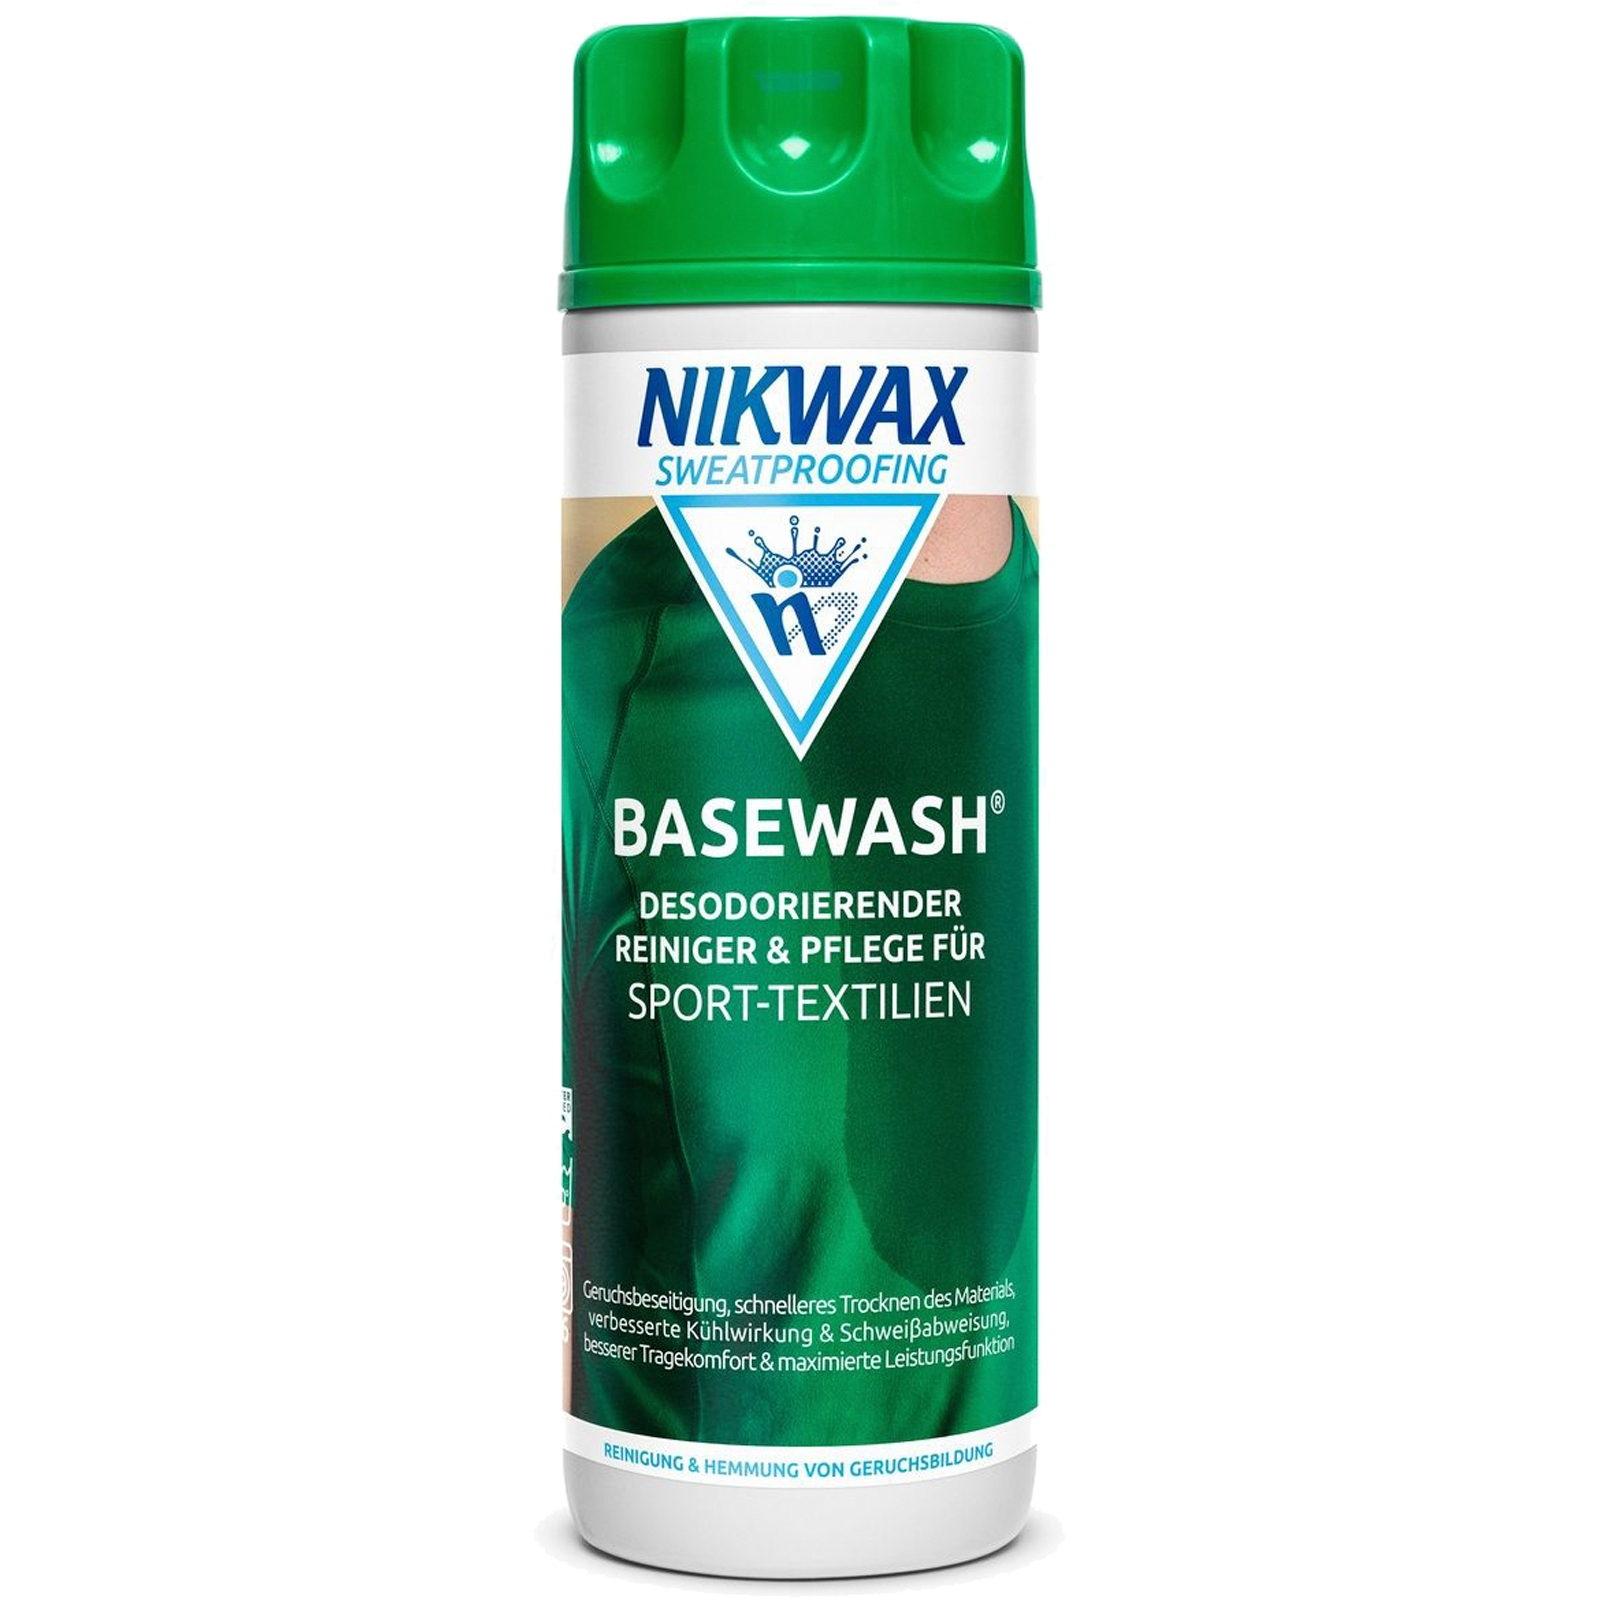 Nikwax Base Wash - Waschmittel - 300 ml - Bild 1